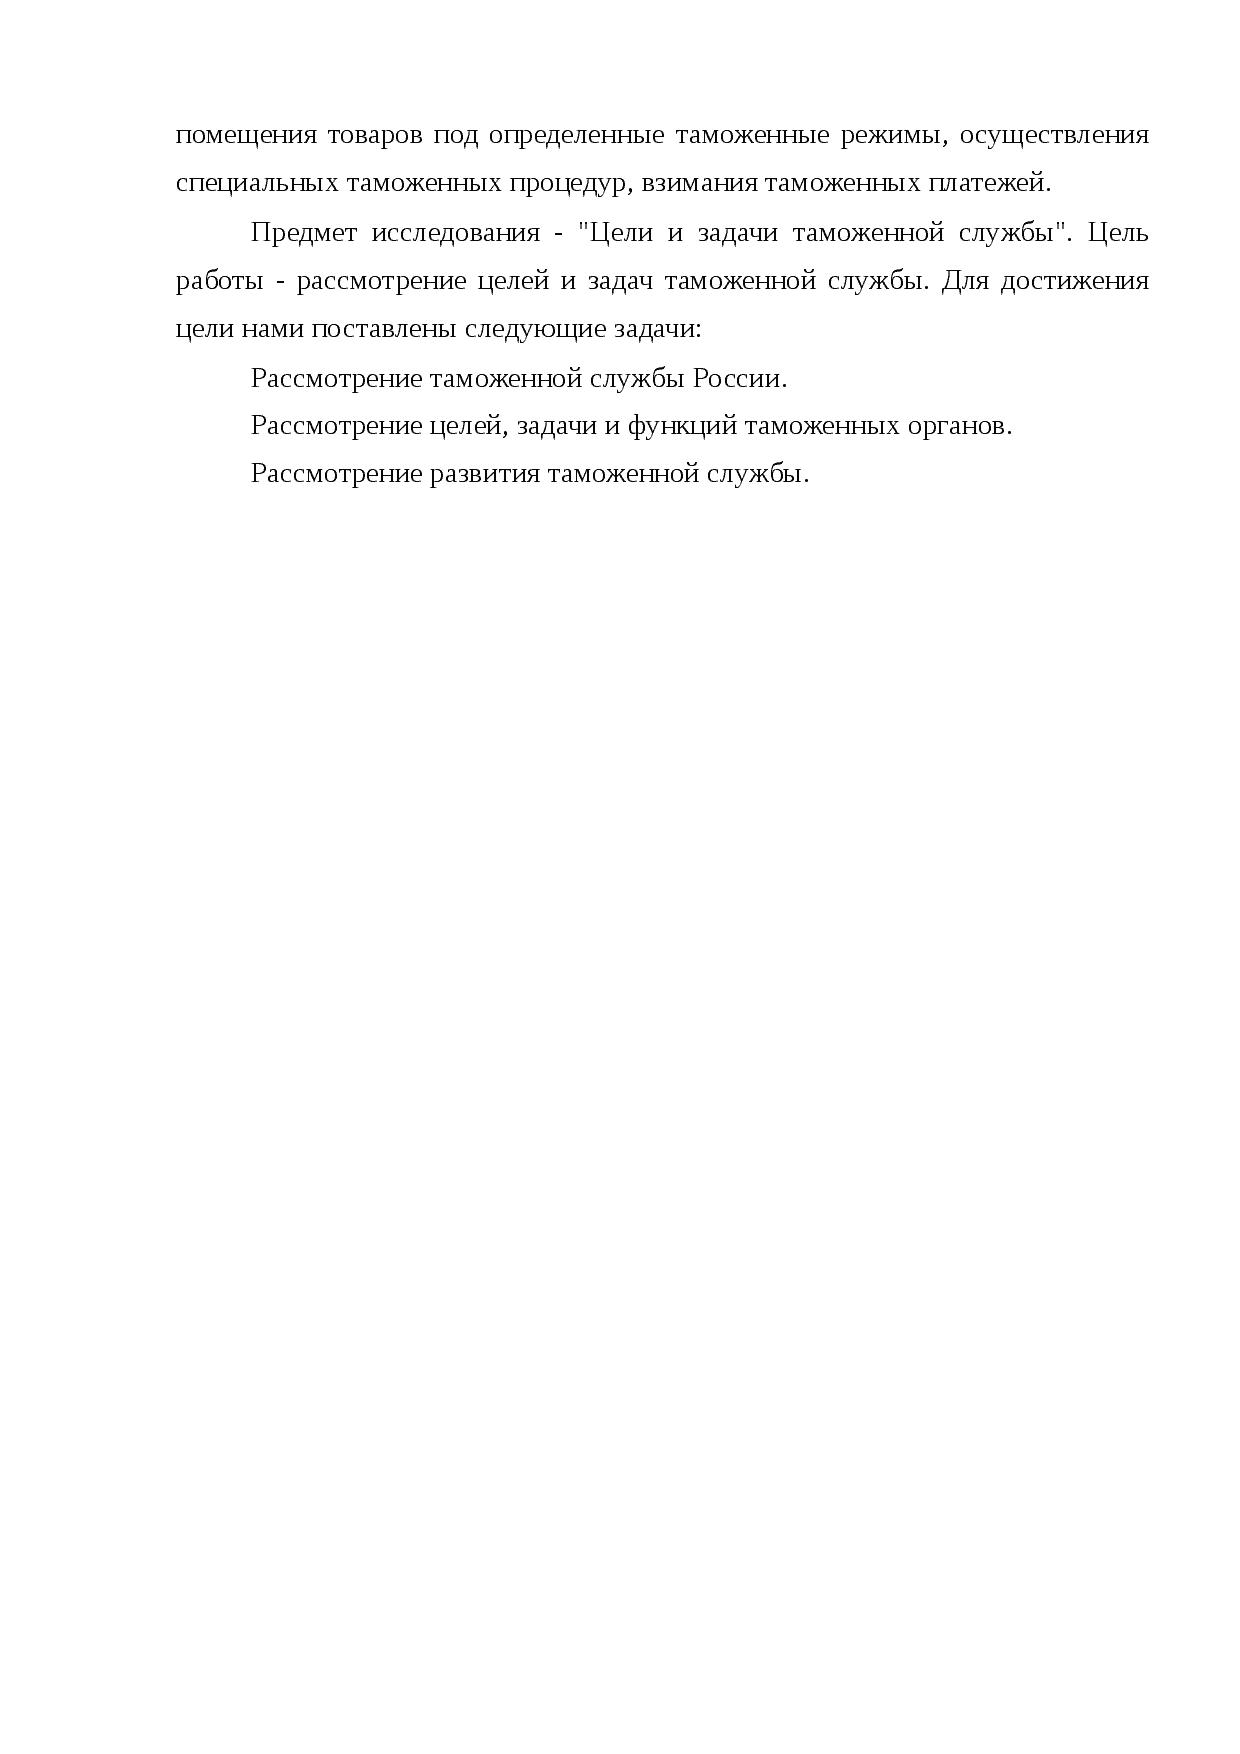 задачи таможенной службы